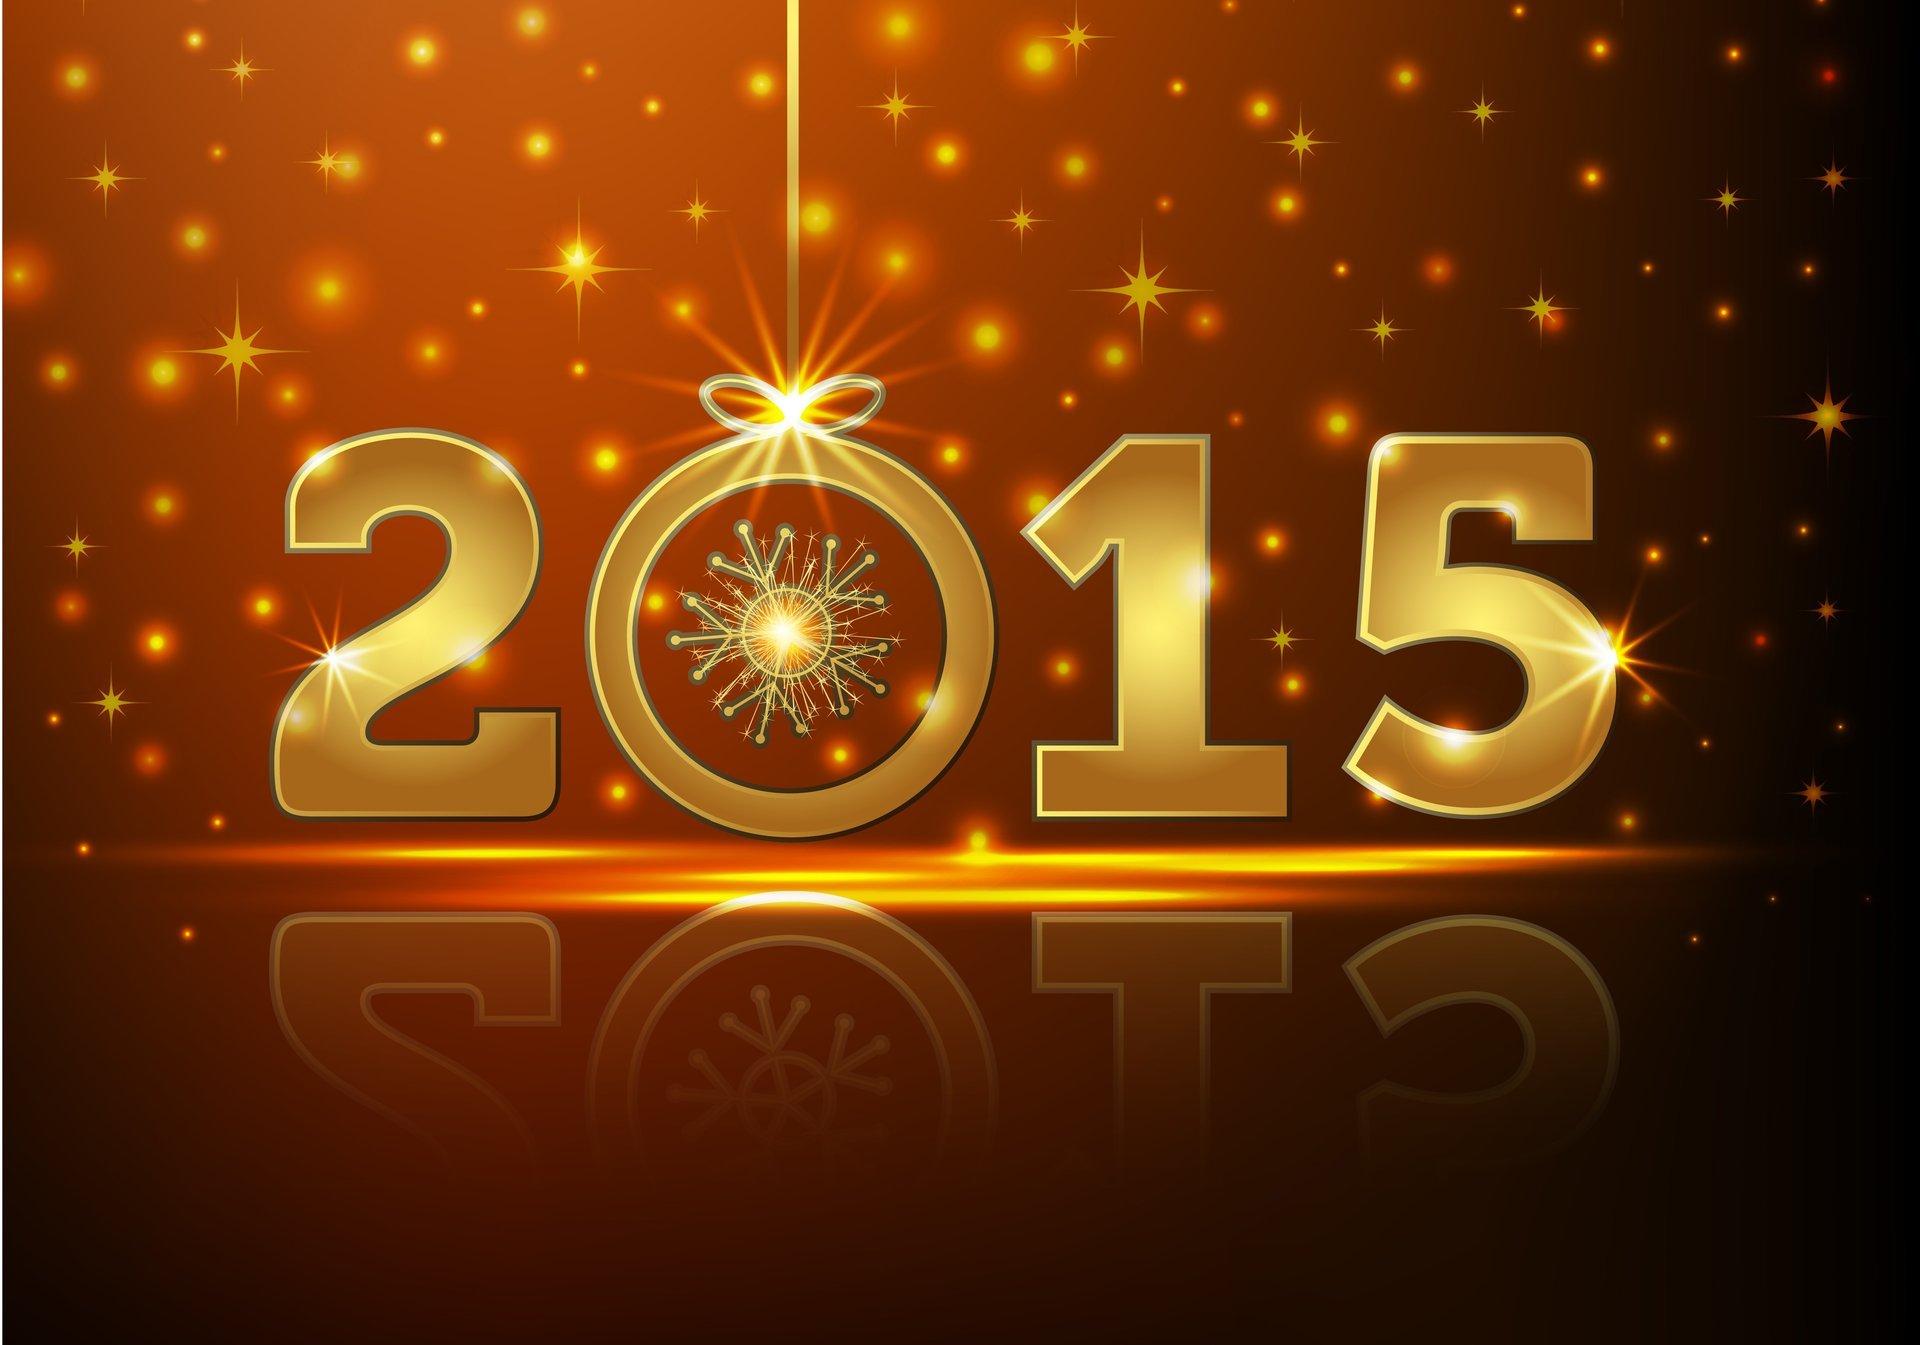 Открытка новогодняя 2015 года